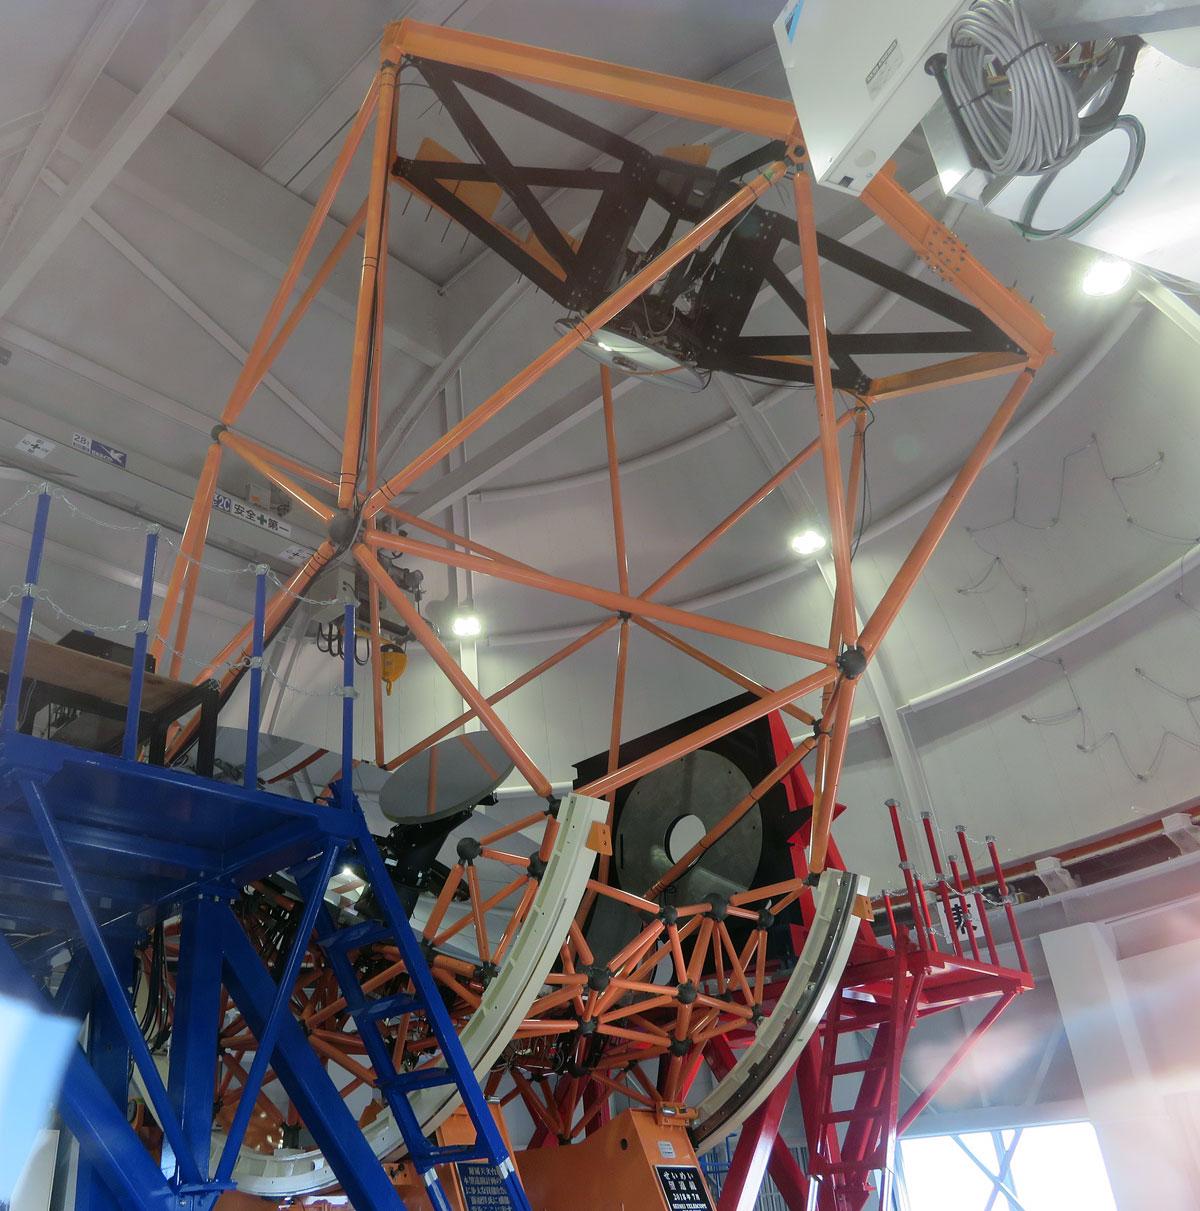 京都大学 岡山天文台 3.8m せいめい望遠鏡